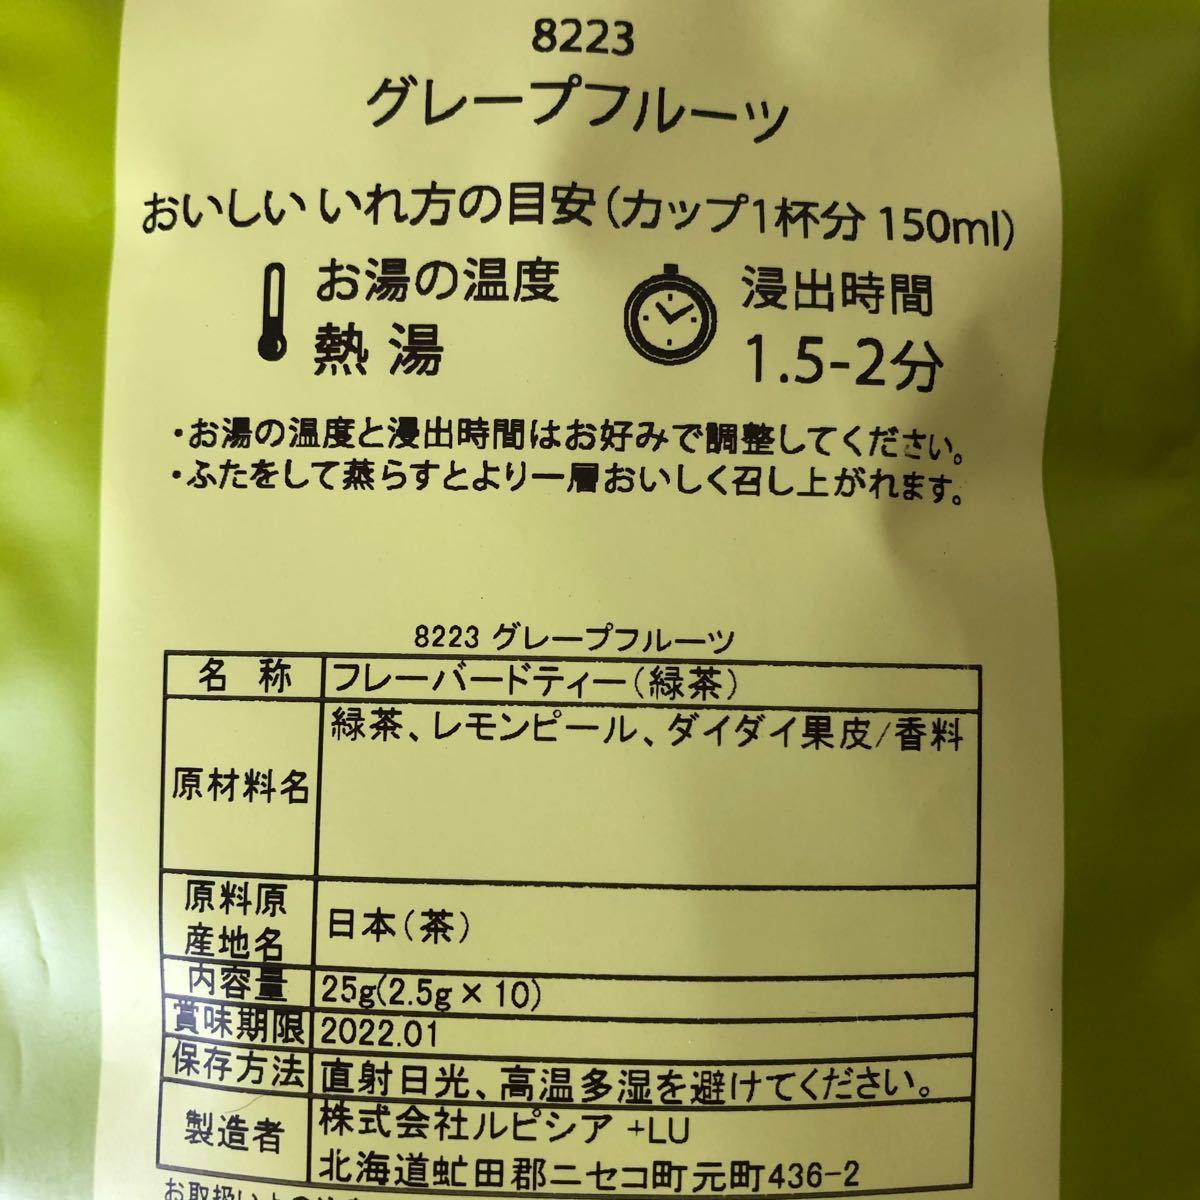 ルピシアLUPICIA 白桃煎茶 グレープフルーツ緑茶 ティーバッグ 合計4袋